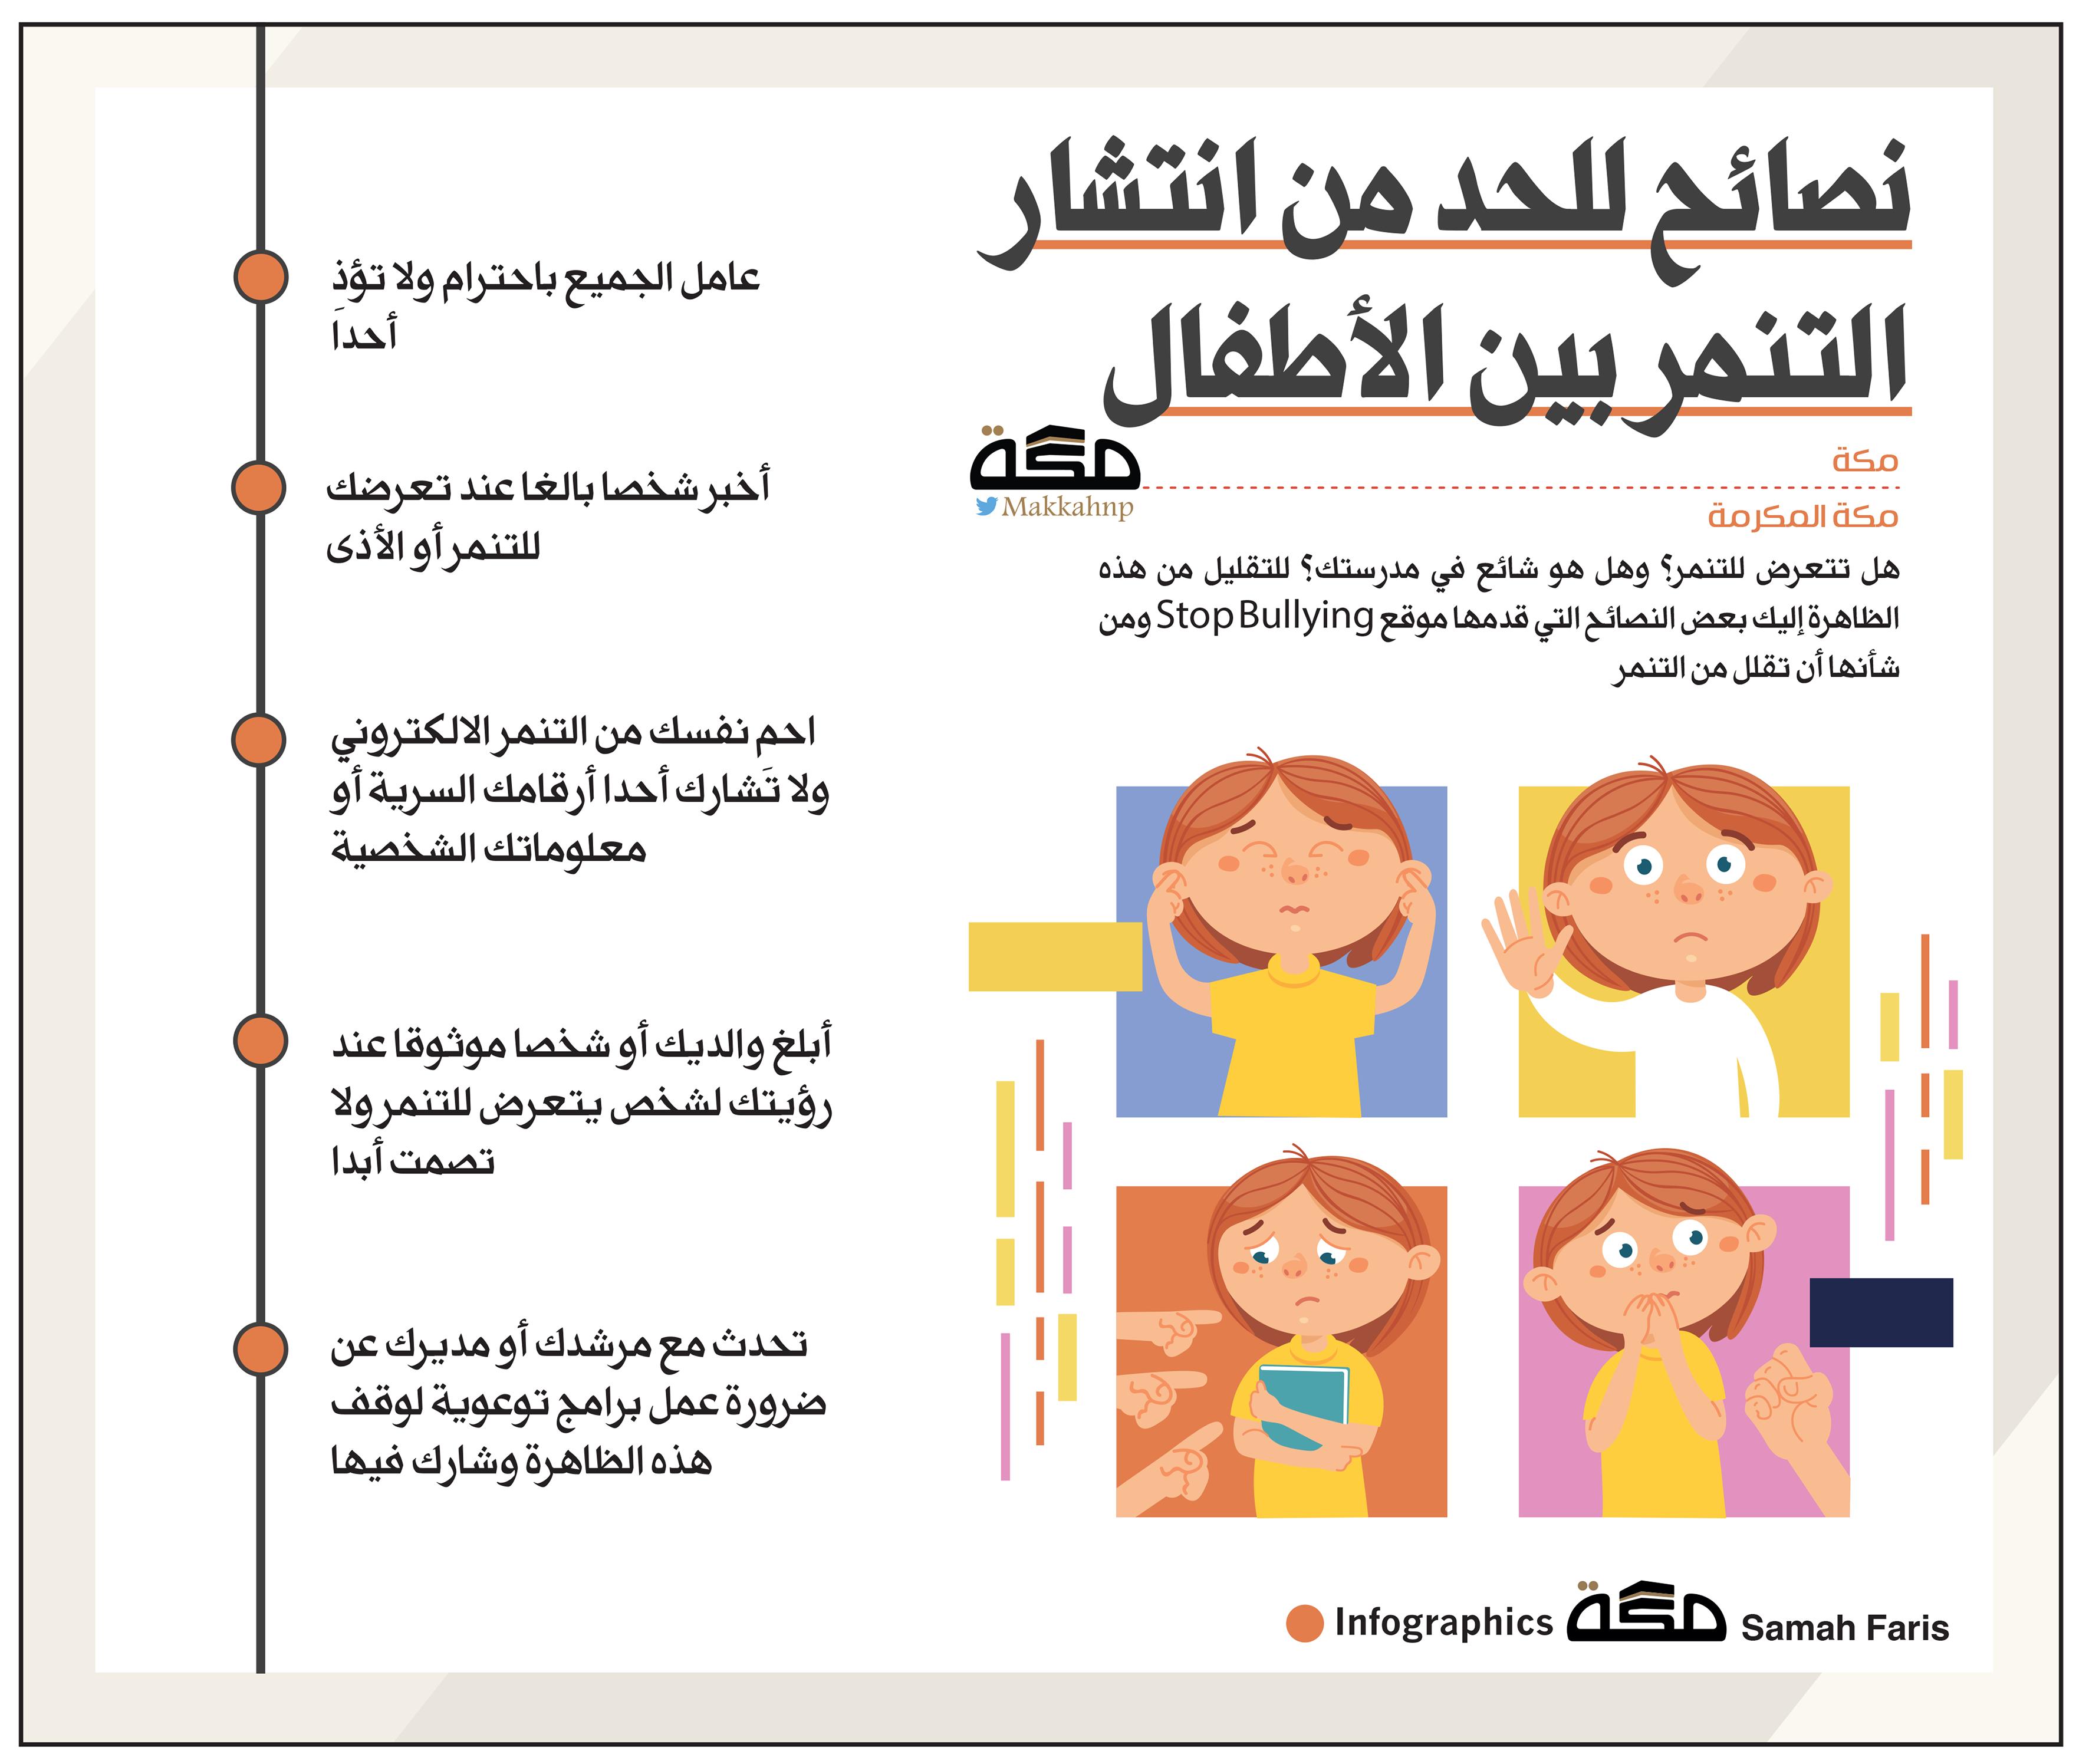 إنفوجرافيك نصائح للحد من انتشار التنمر بين الأطفال إنفوجرافيك Infographic الأطفال Motivational Quotes Wallpaper Cartoon Coloring Pages Paper Art Sculpture